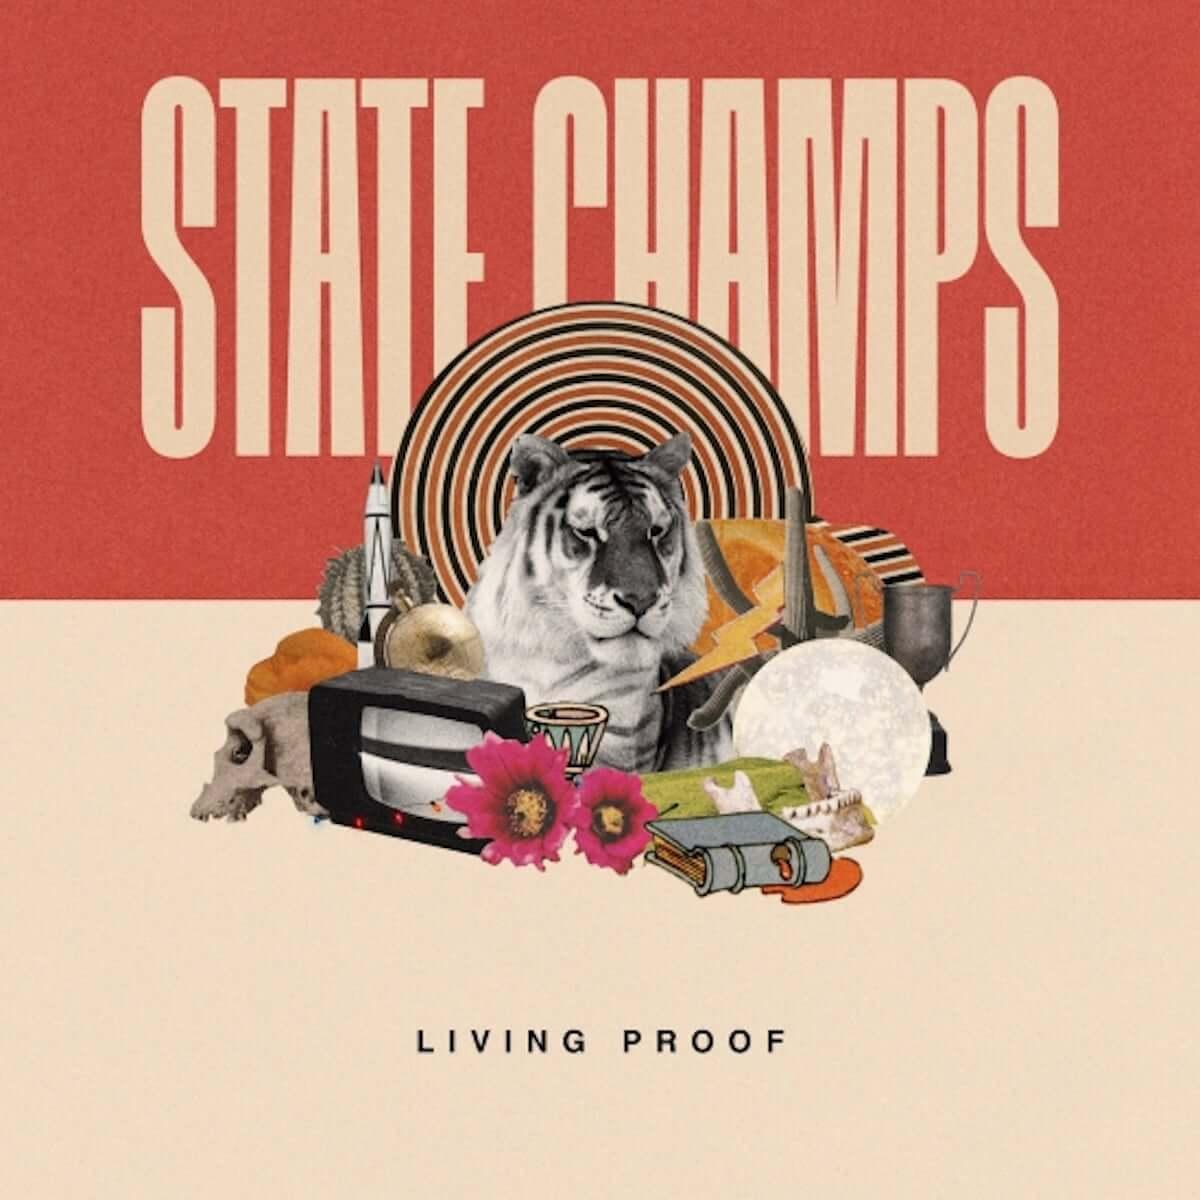 次世代ポップ・パンク3組State Champs、Knuckle Puck、Castawayによるジャパンツアーが来週スタート! music190110-statechamps-02-1200x1200